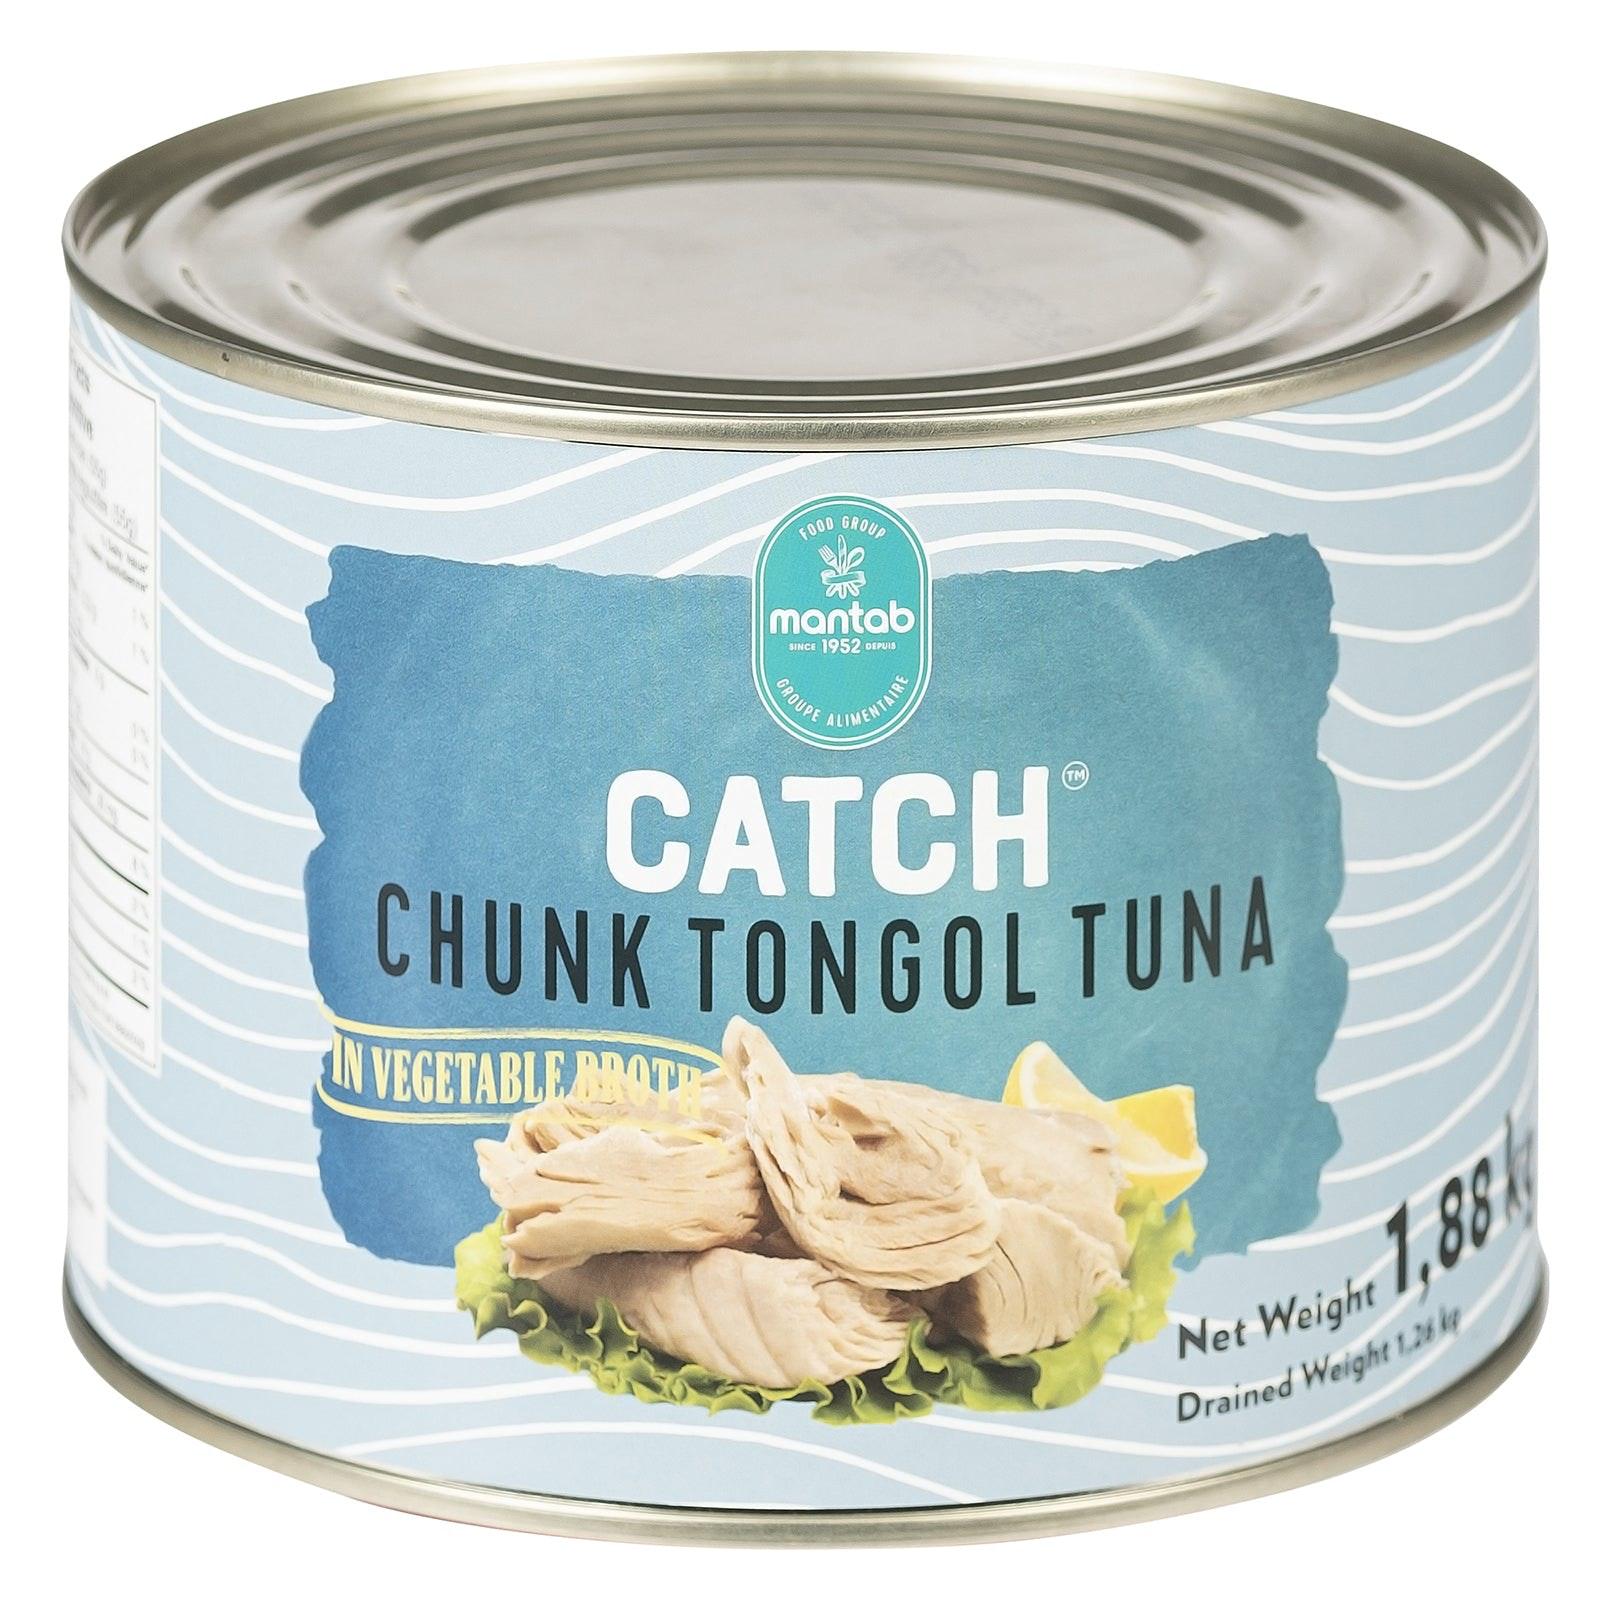 Tuna chunk Tongol